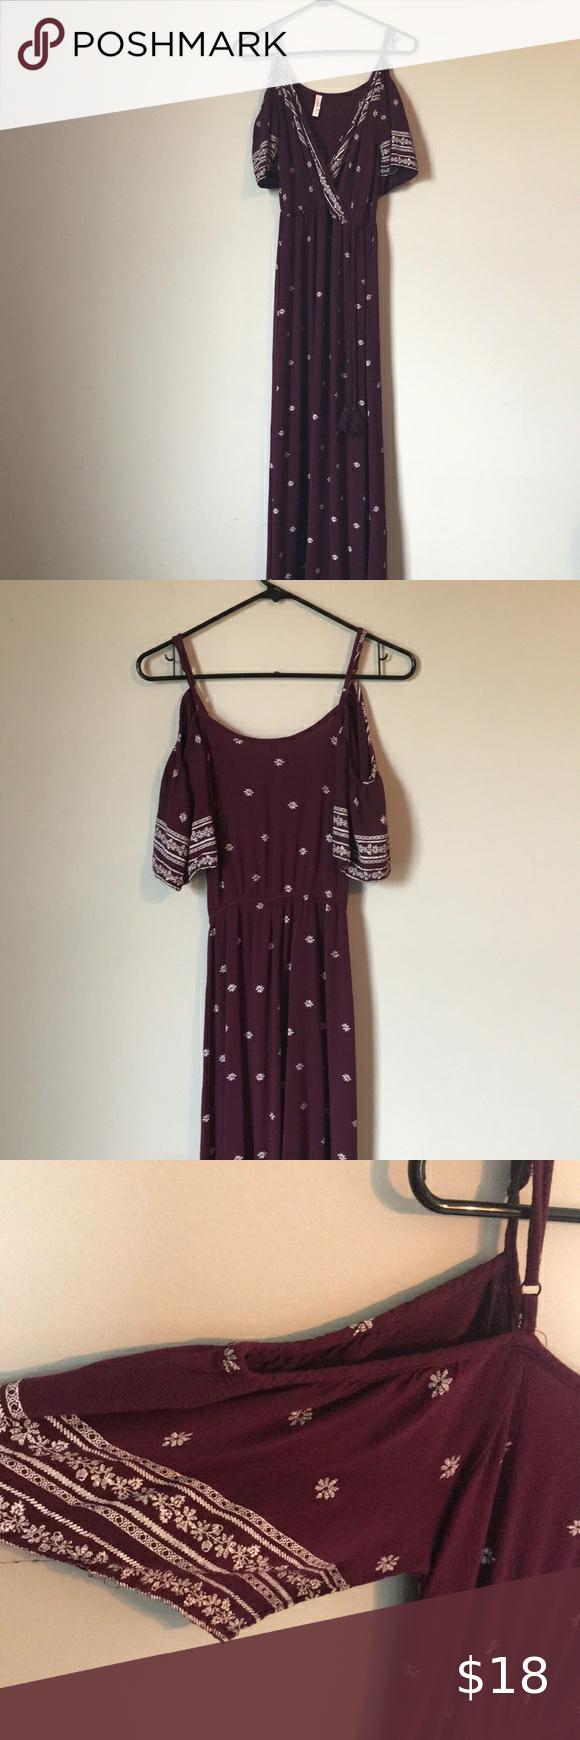 I Just Added This Listing On Poshmark Xhilaration Maxi Dress Shopmycloset Poshmark Fashion Shopping Style Forsal Burgundy Maxi Dress Fashion Maxi Dress [ 1740 x 580 Pixel ]